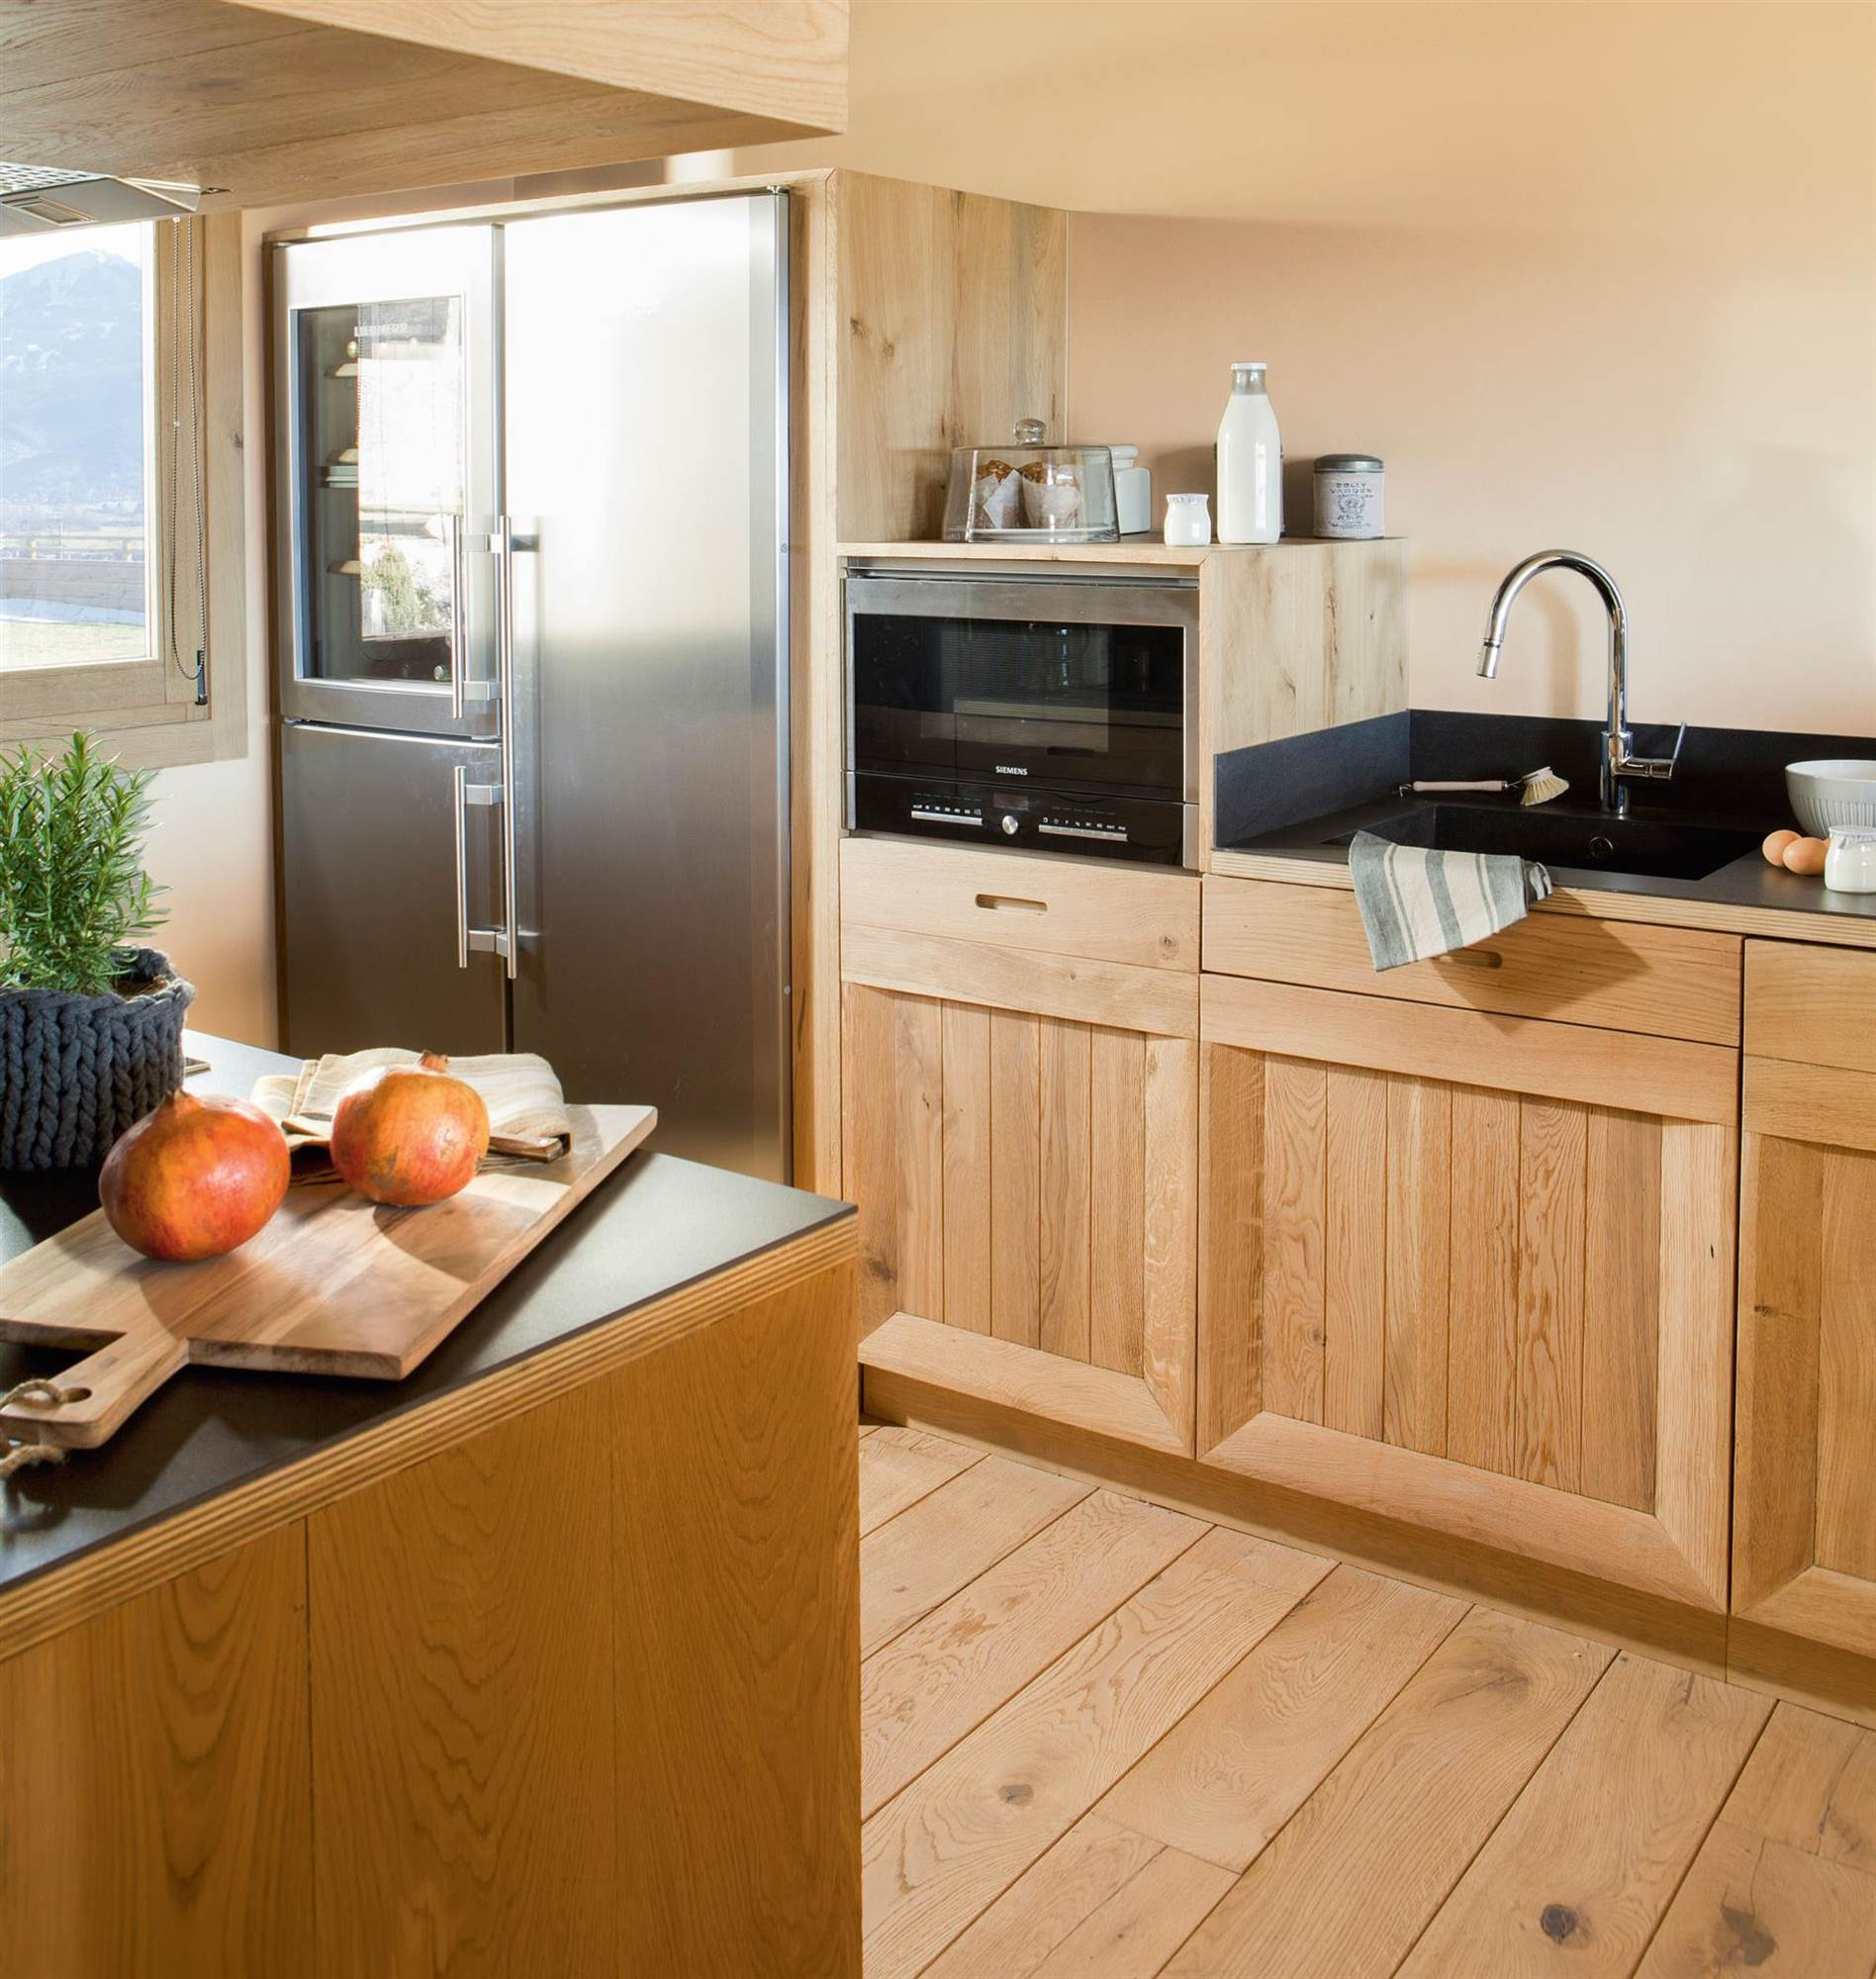 979 Fotos De Muebles De Cocina Pagina 4 - Cocinas-color-roble